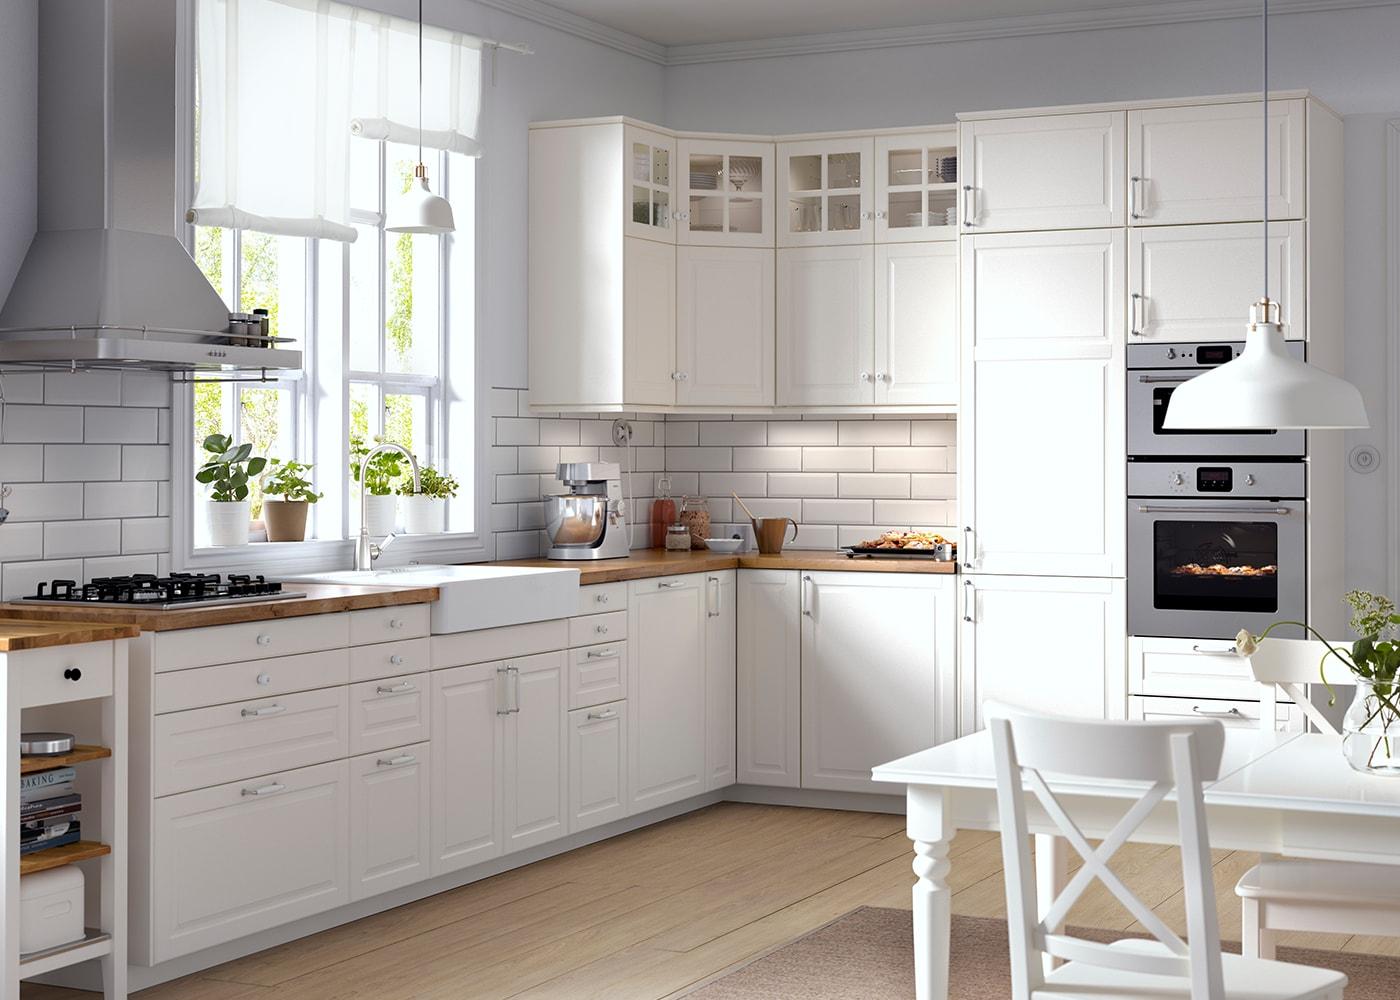 Ideen Fur Deine Kucheneinrichtung Ikea Osterreich